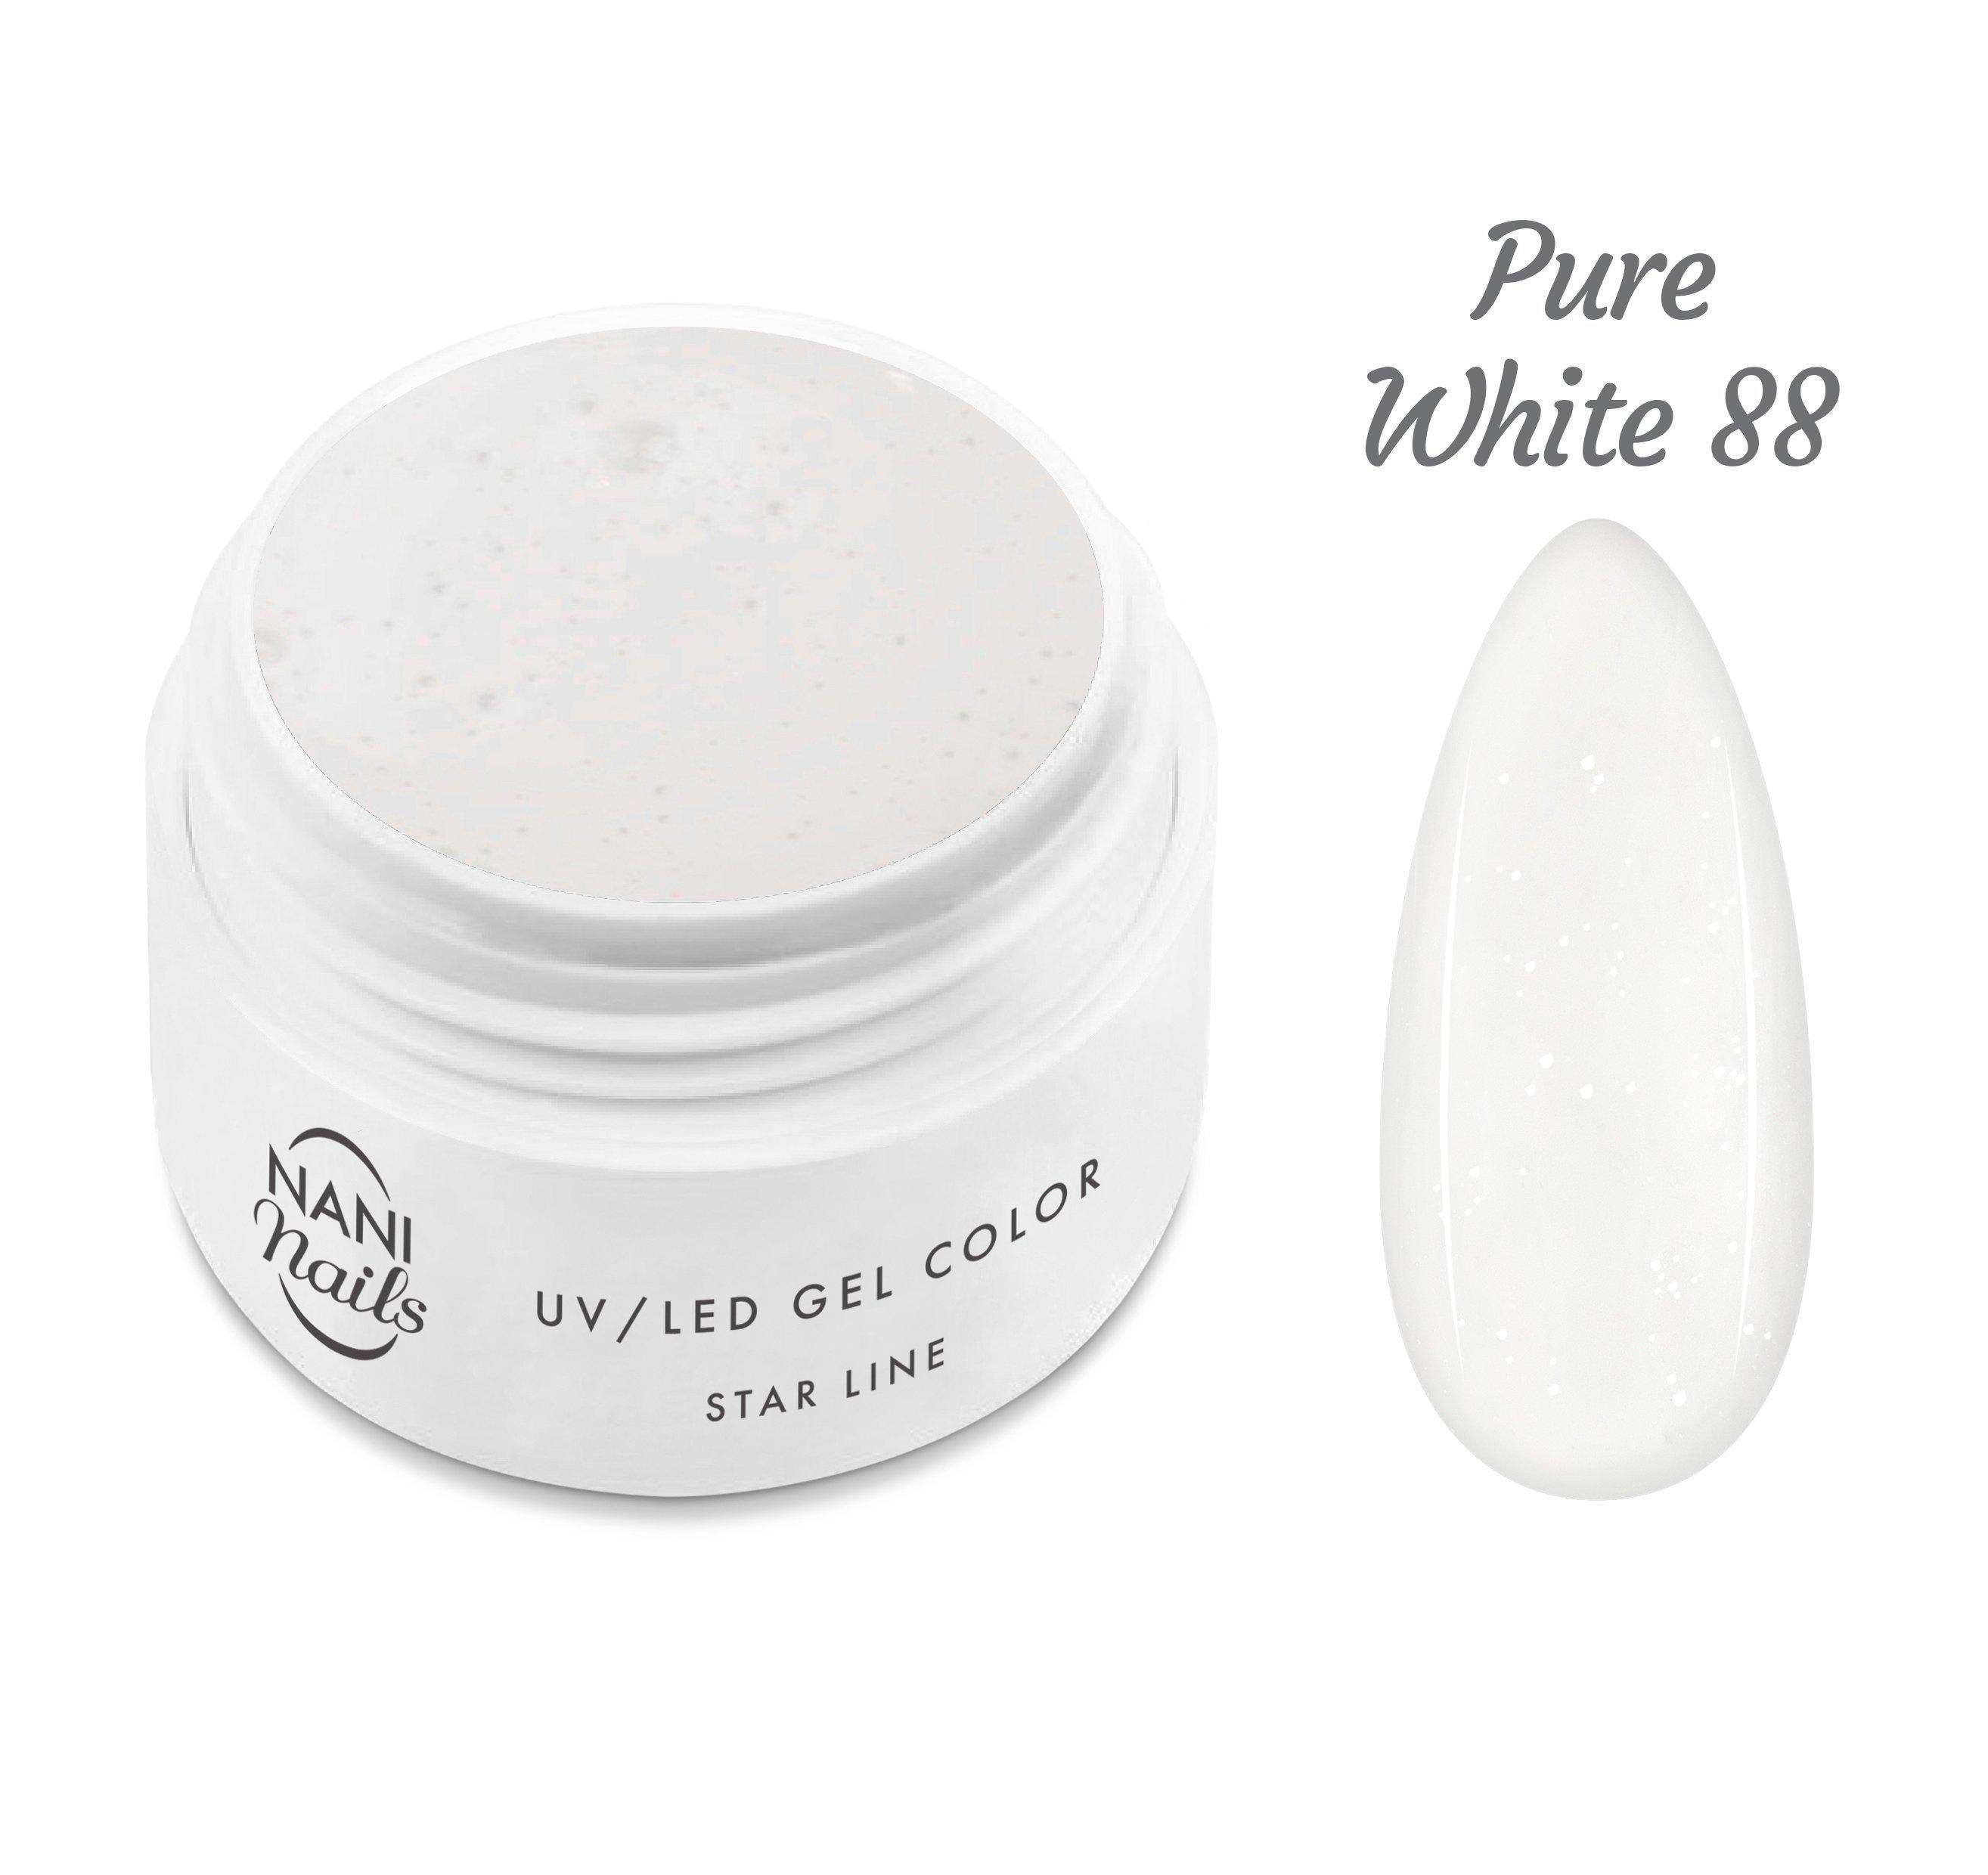 NANI UV gél Star Line 5 ml - Pure White